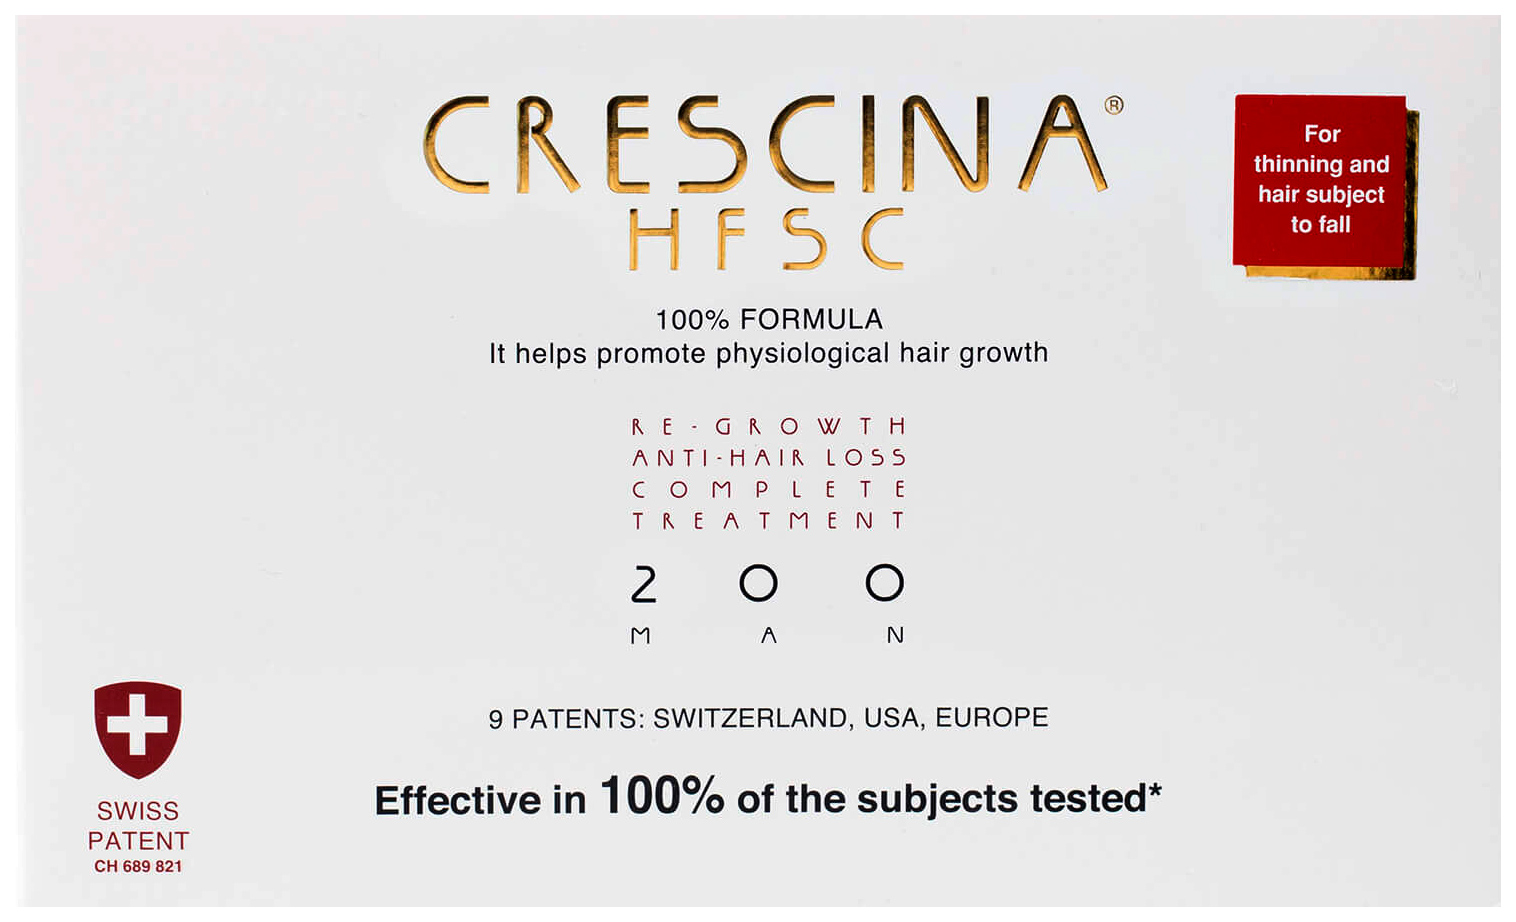 Купить Ампулы для волос Crescina 200 для стимулирования роста волос для мужчин №10+лосьон, Комплекс 200 HFSC 100% для стимулирования роста волос для мужчин